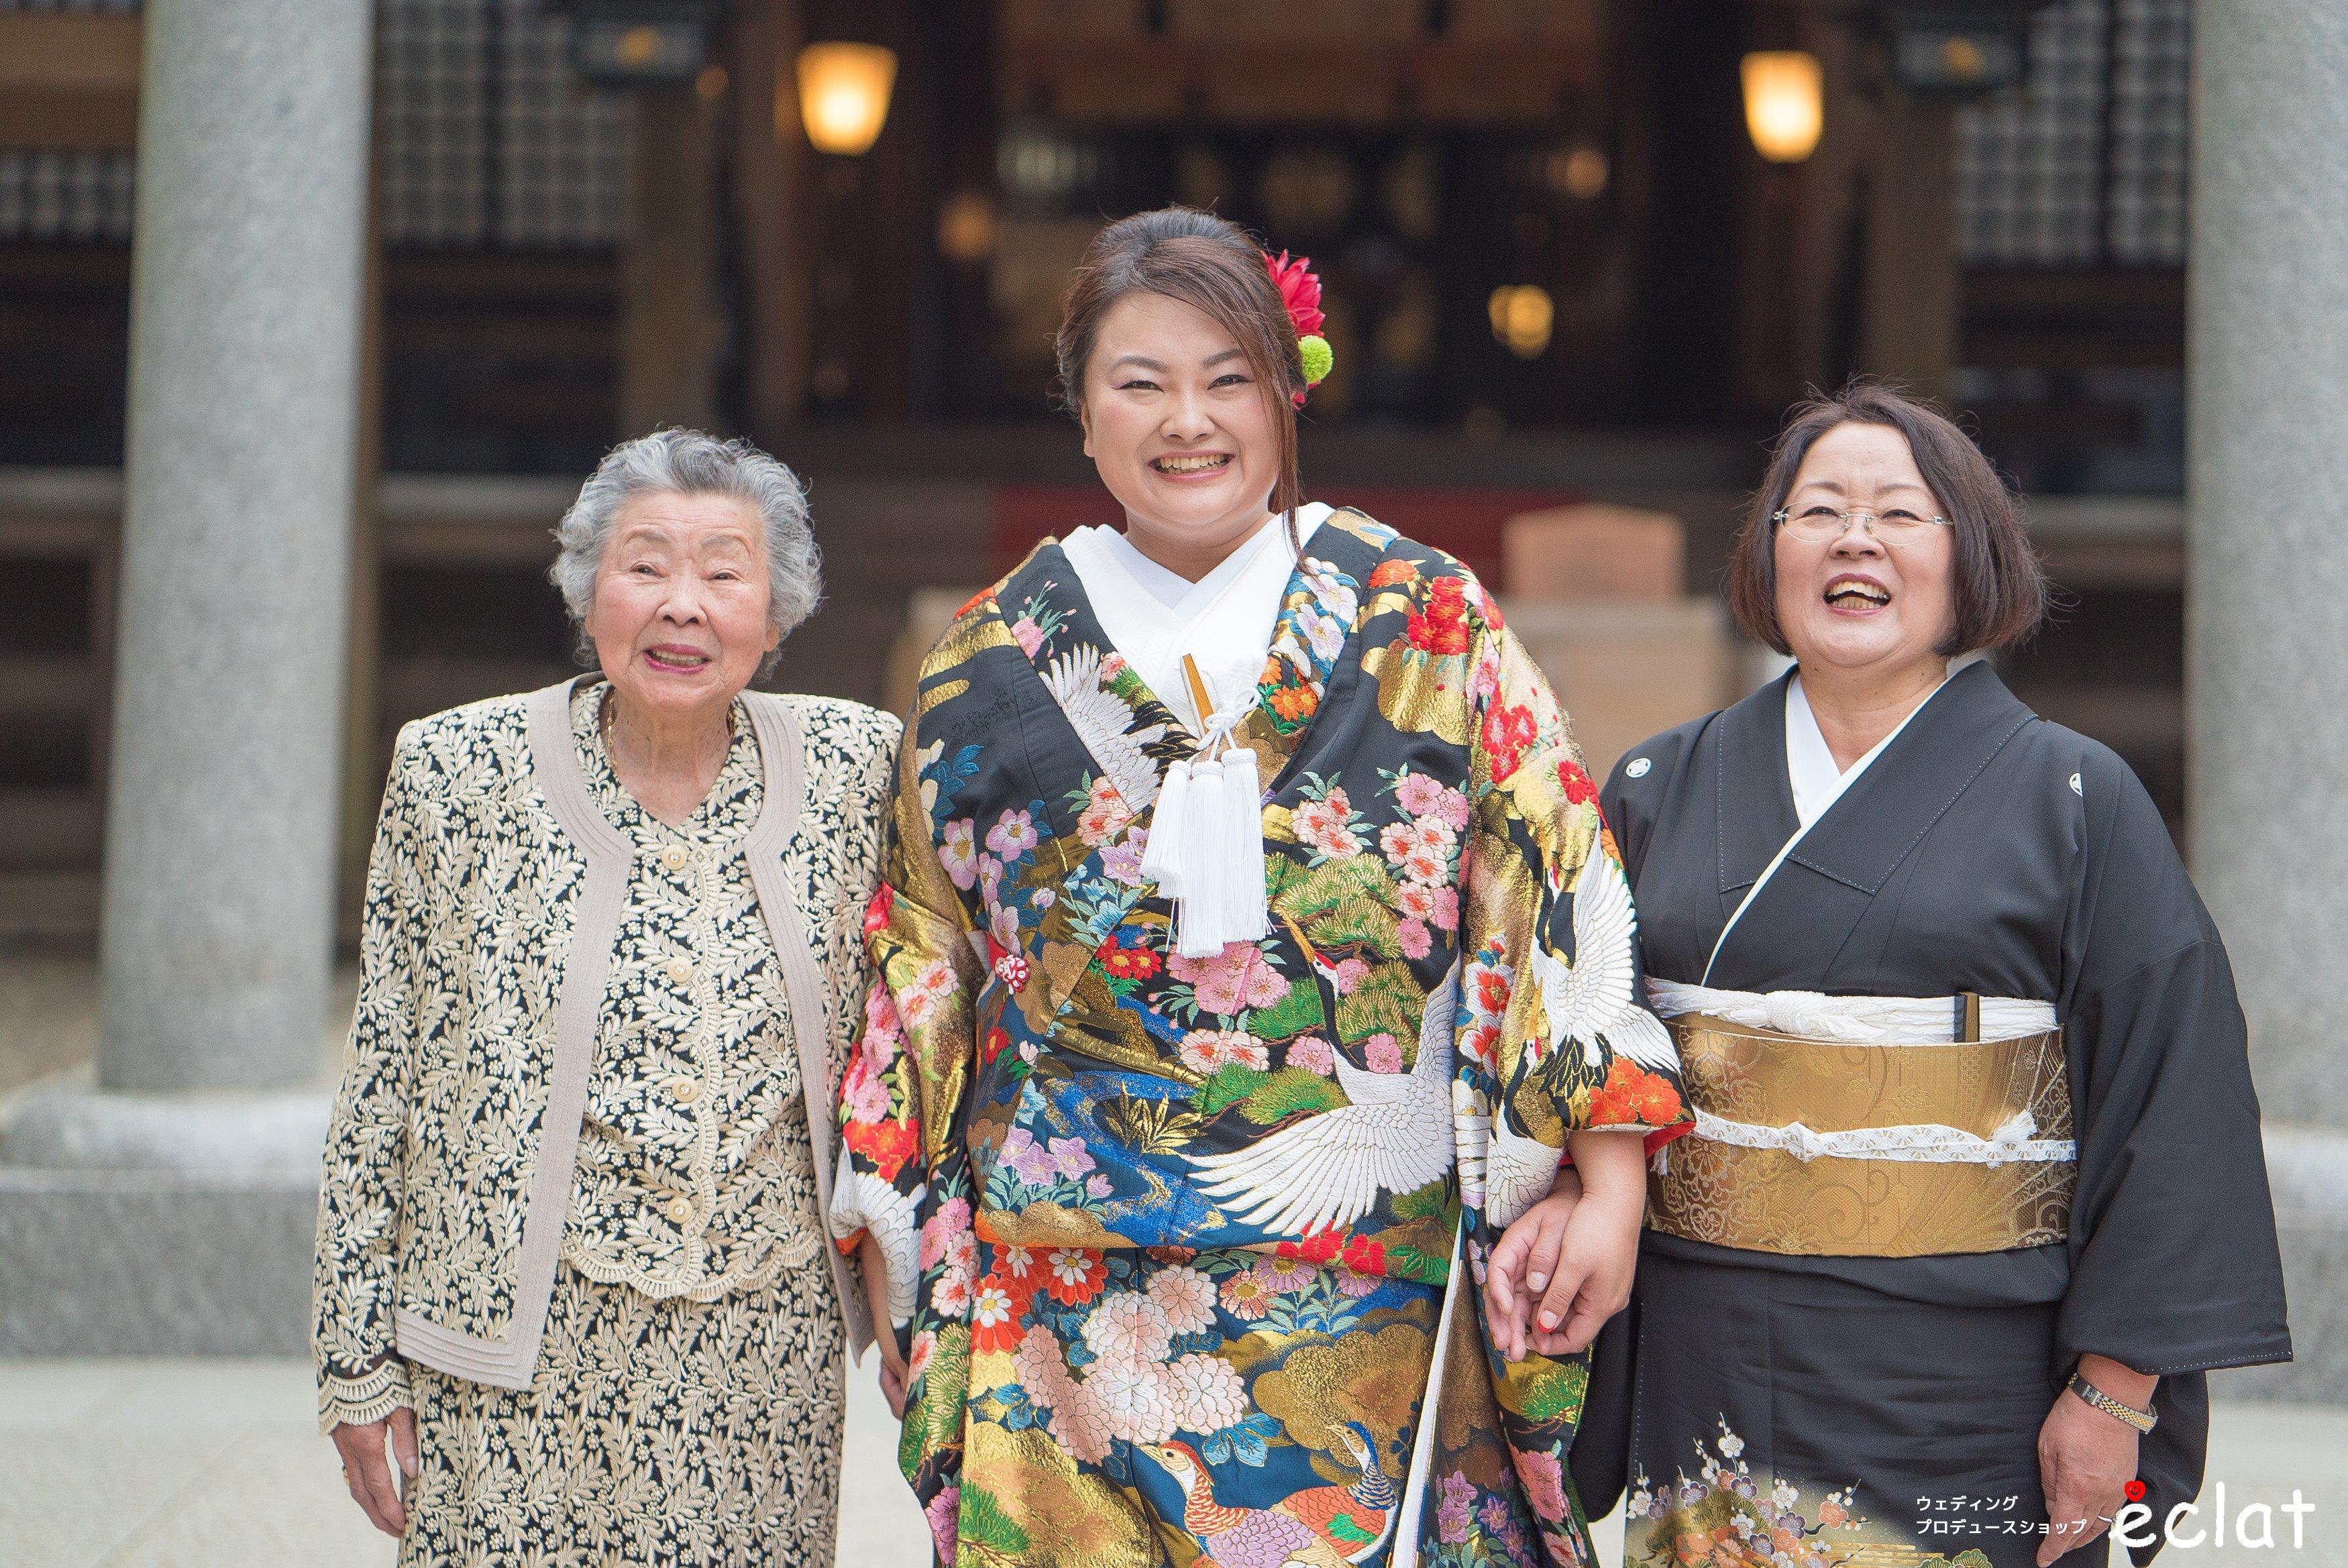 鹿島神宮 神社挙式 水戸 つくば 神社挙式 ウェディングプロデュースショップエクラ エクラ